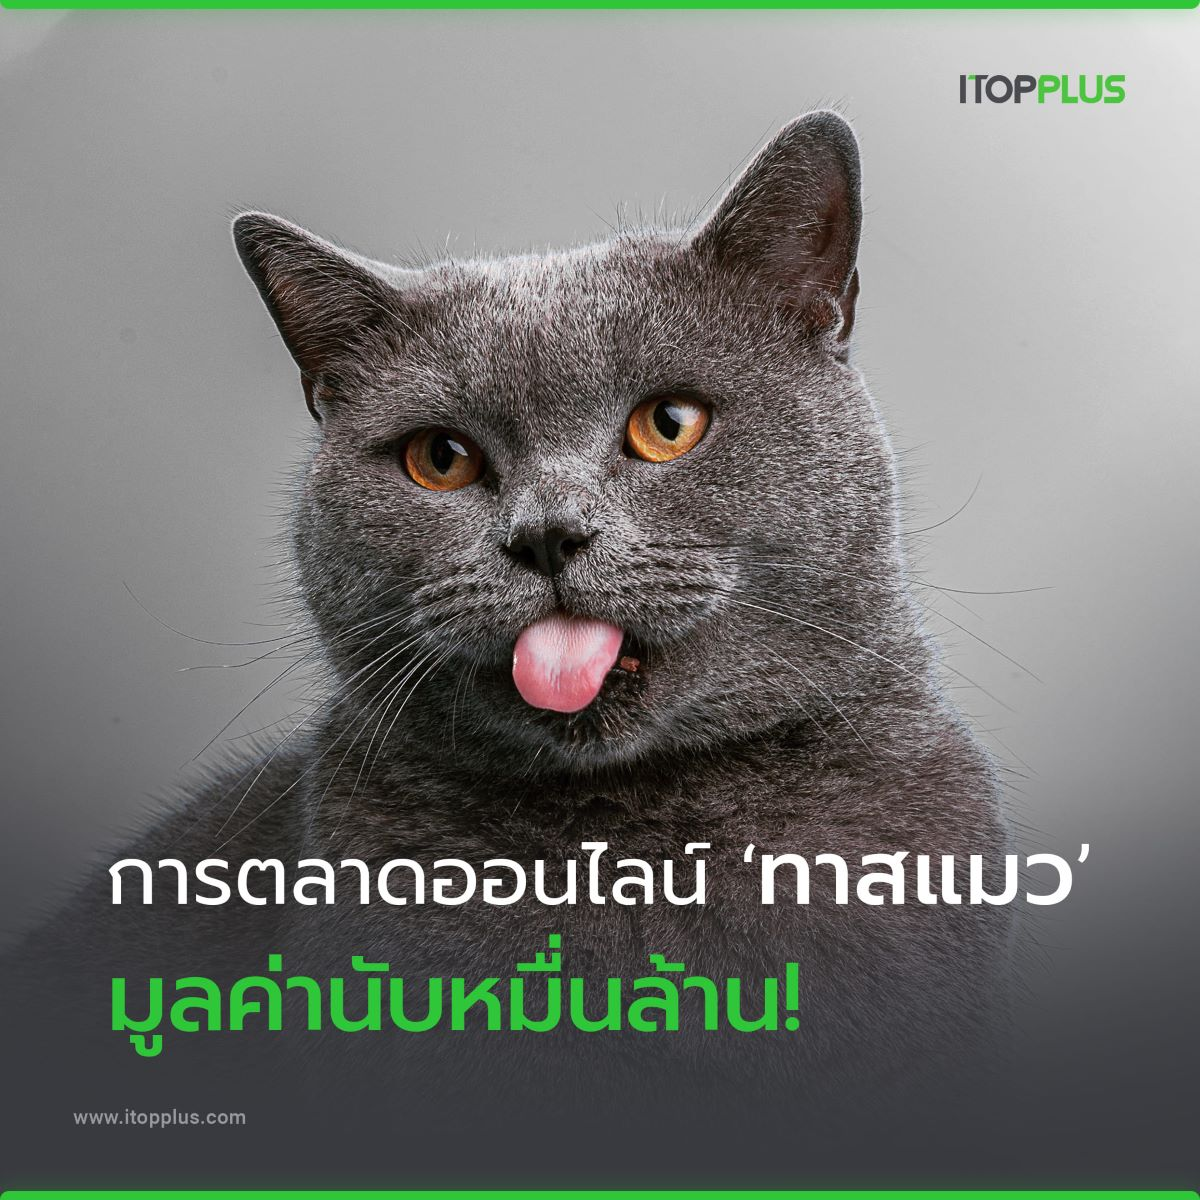 เปิดการตลาดออนไลน์ทาสแมว มูลค่านับหมื่นล้าน